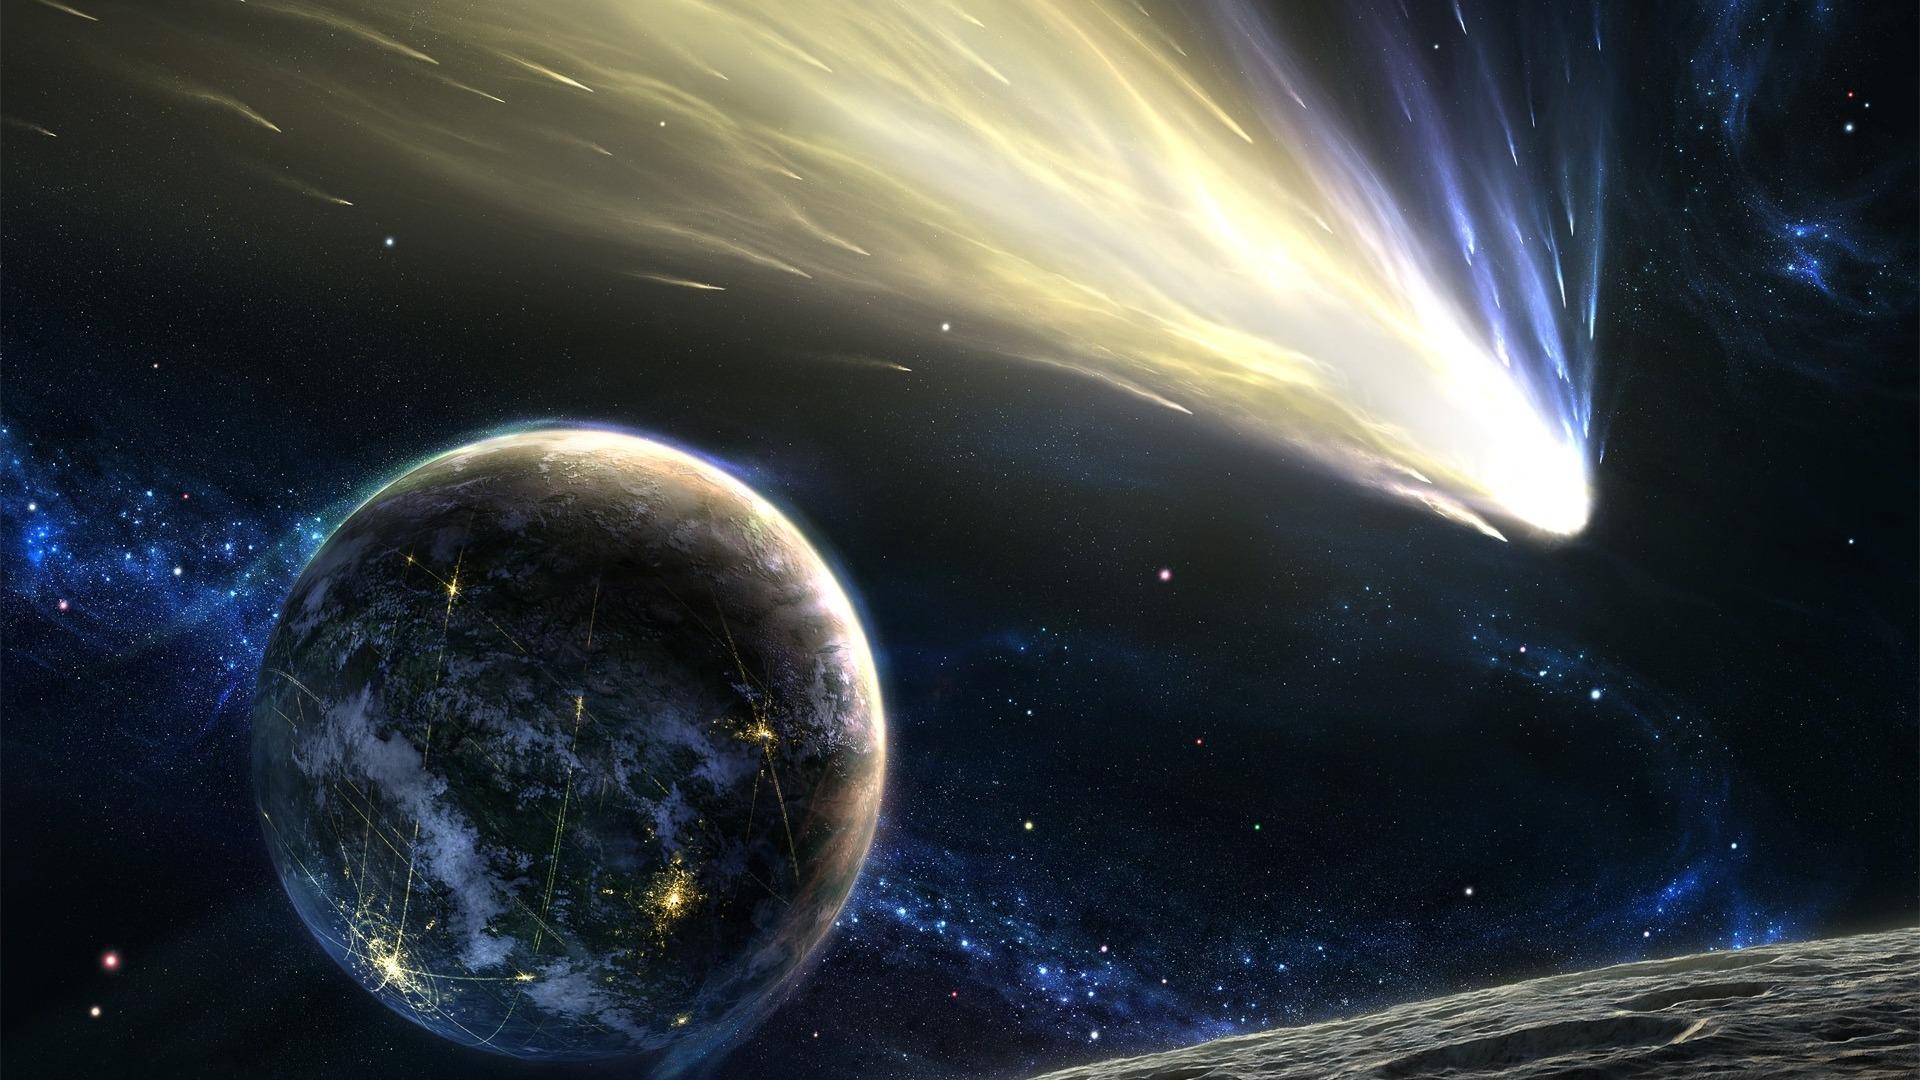 комета, хвост, новые миры